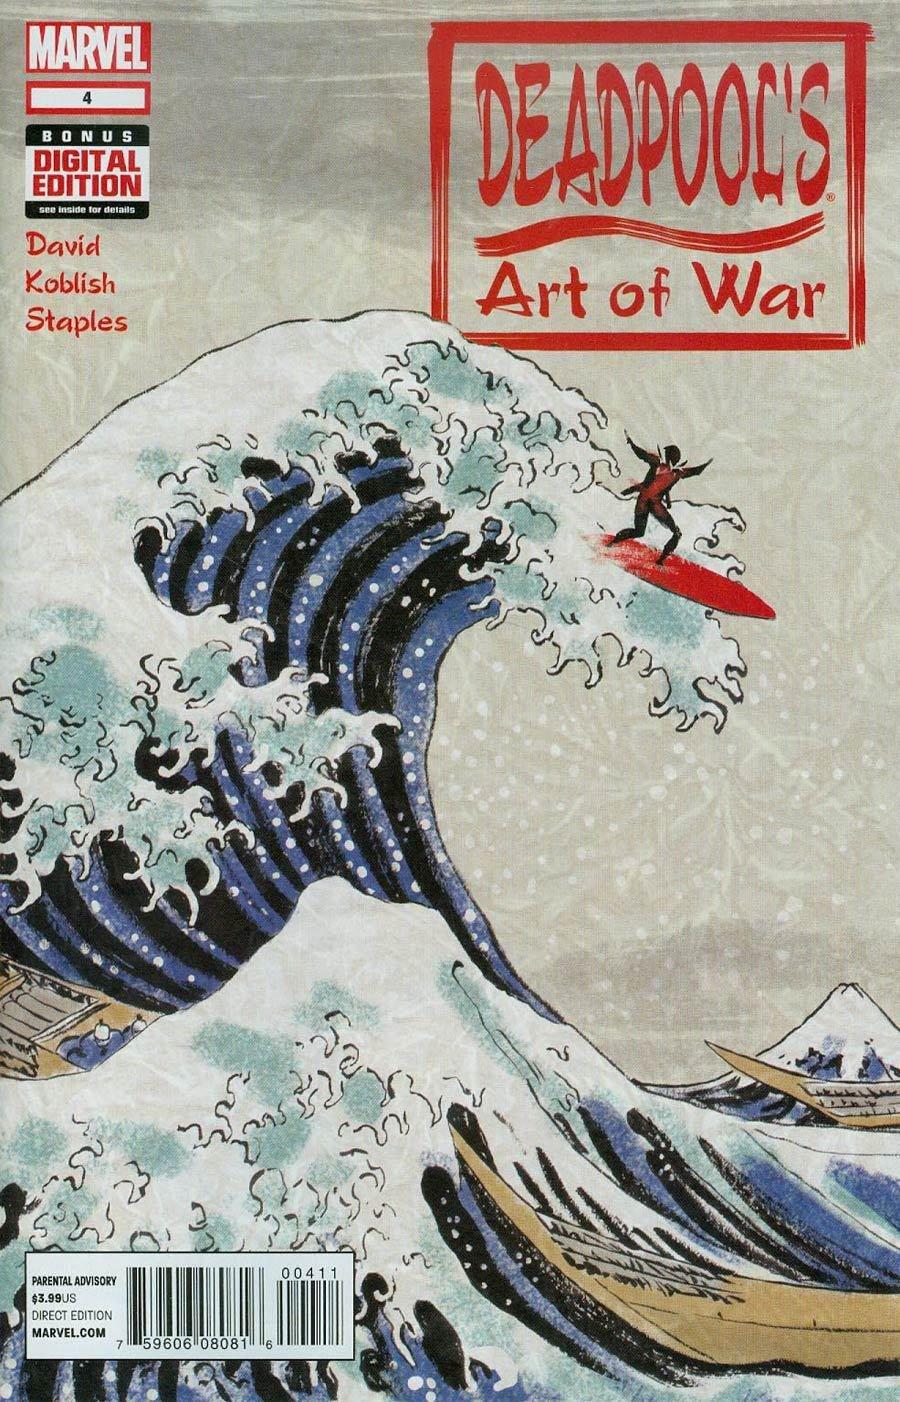 DEADPOOL'S ART OF WAR #4